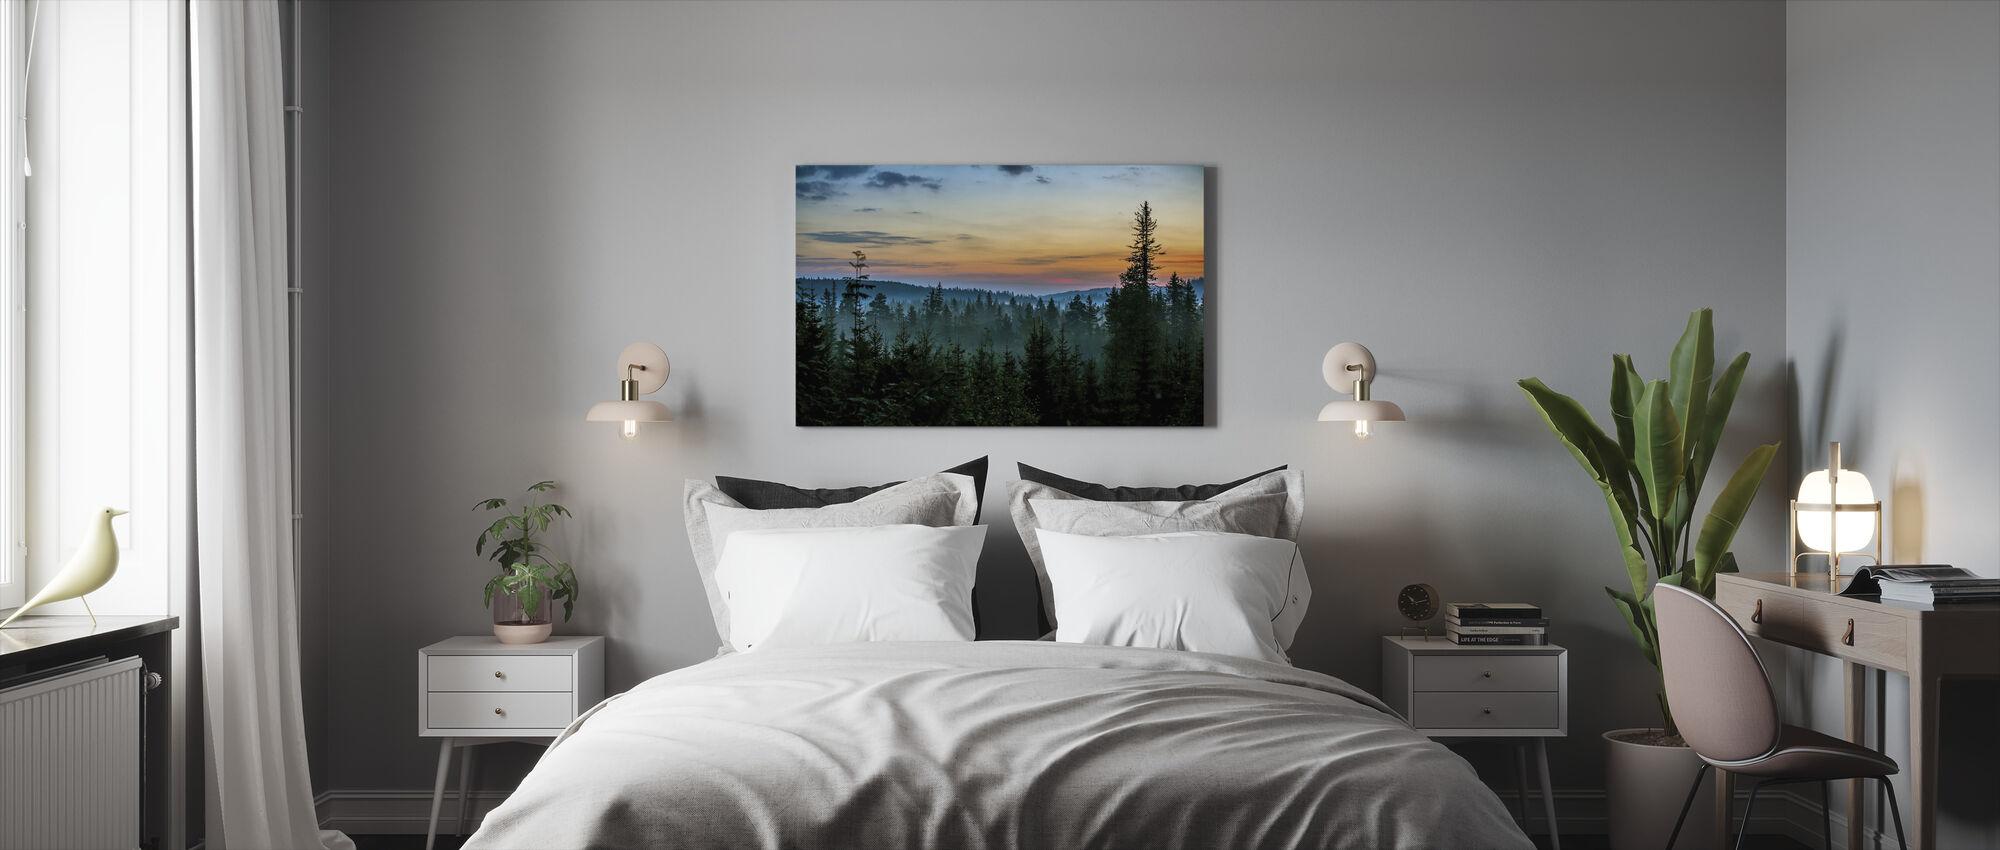 Wczesny poranek w lesie jodłowym - Obraz na płótnie - Sypialnia